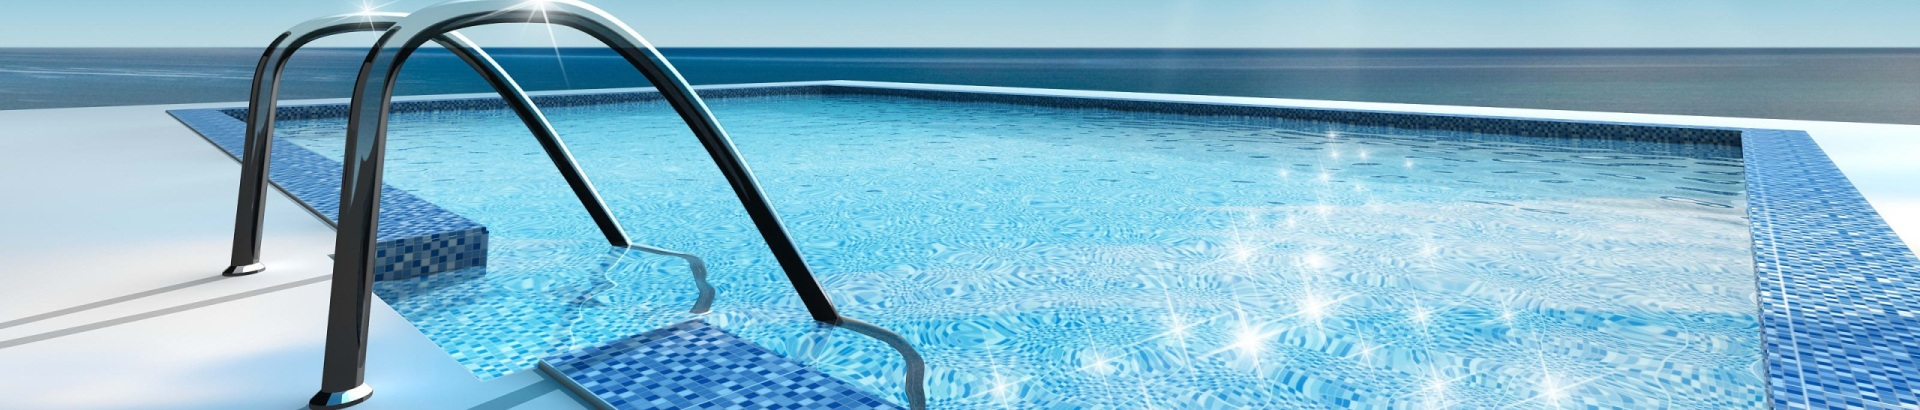 Chemia basenowa, baseny, akcesoria basenowe